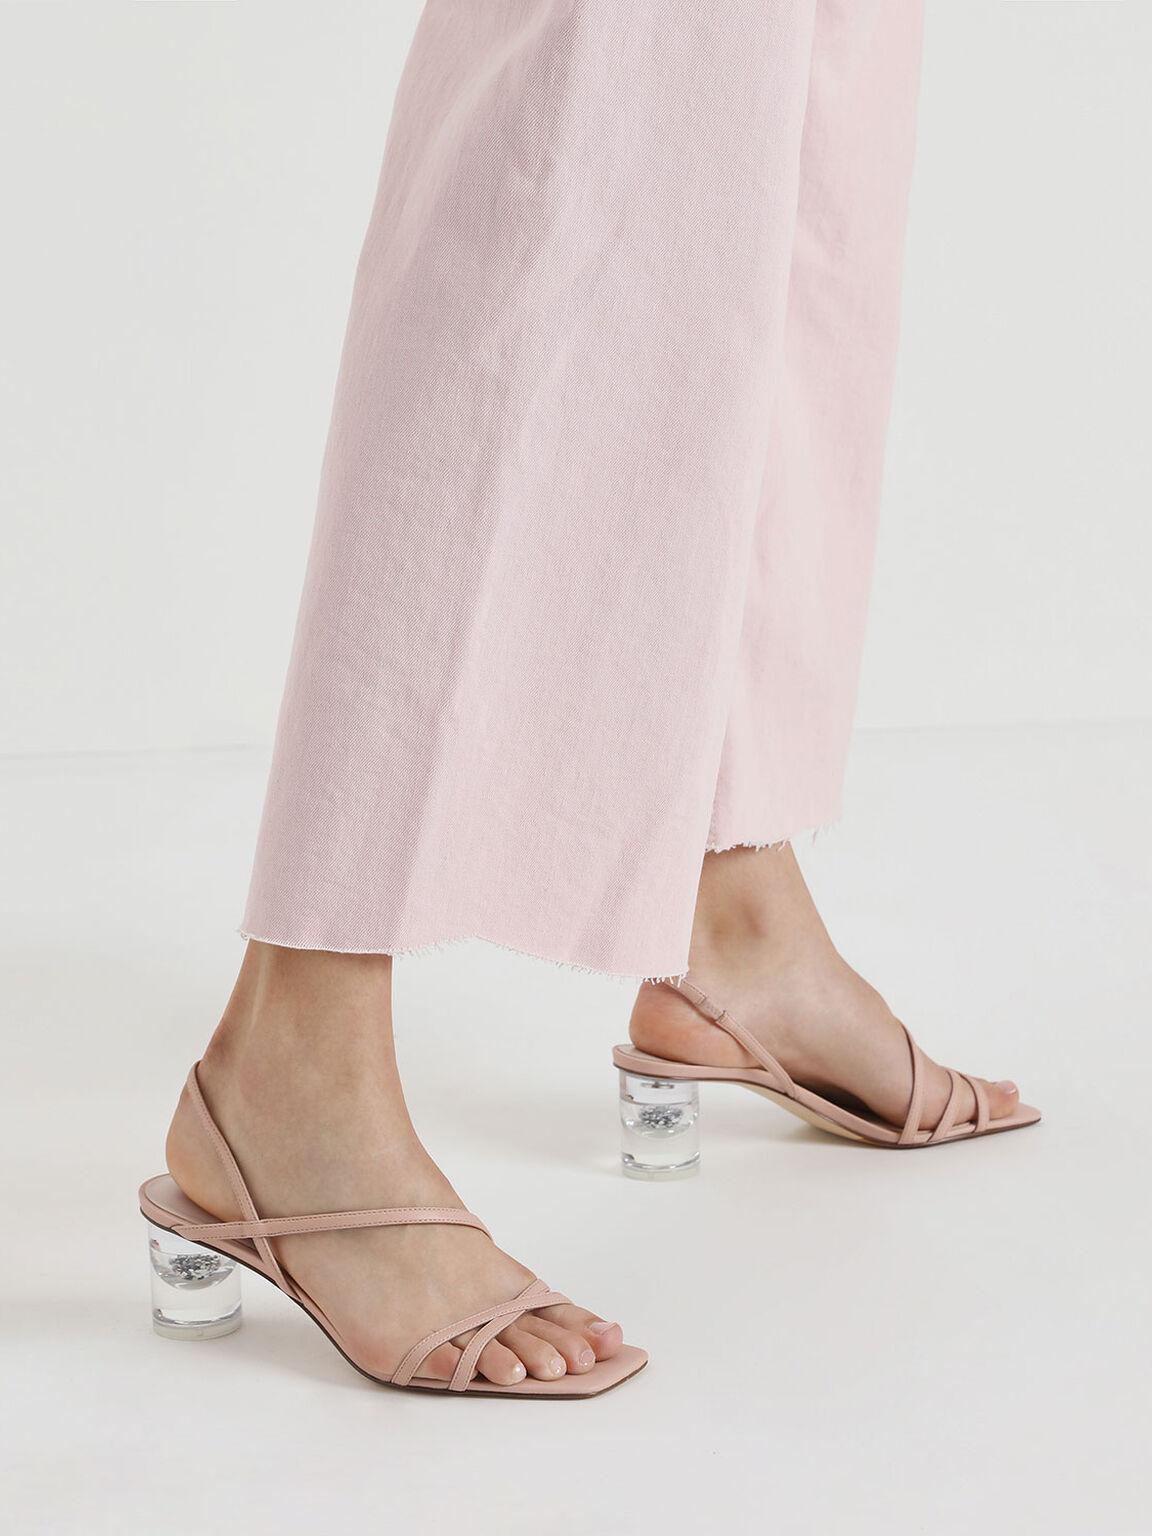 透明圓跟綁帶涼鞋, 膚色, hi-res